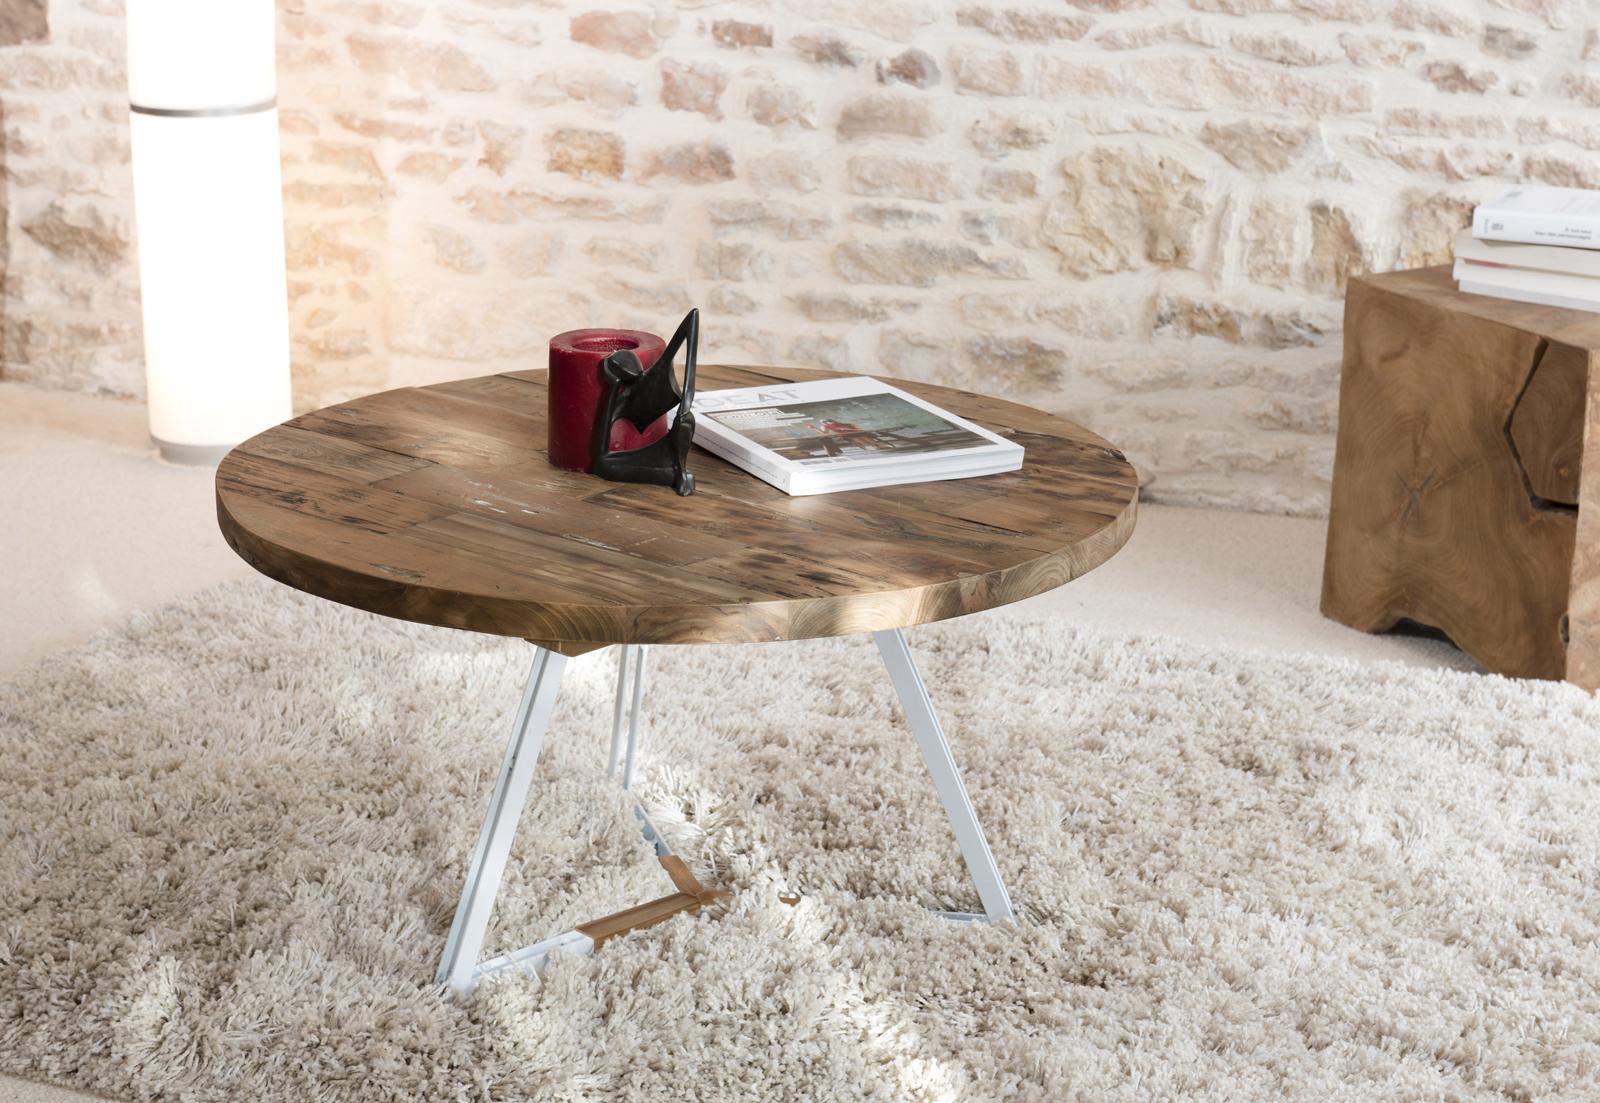 le dernier 2223f 1e00a Table basse ronde en Teck recyclé et pieds métal blanc et bois D75xH41cm  SWING